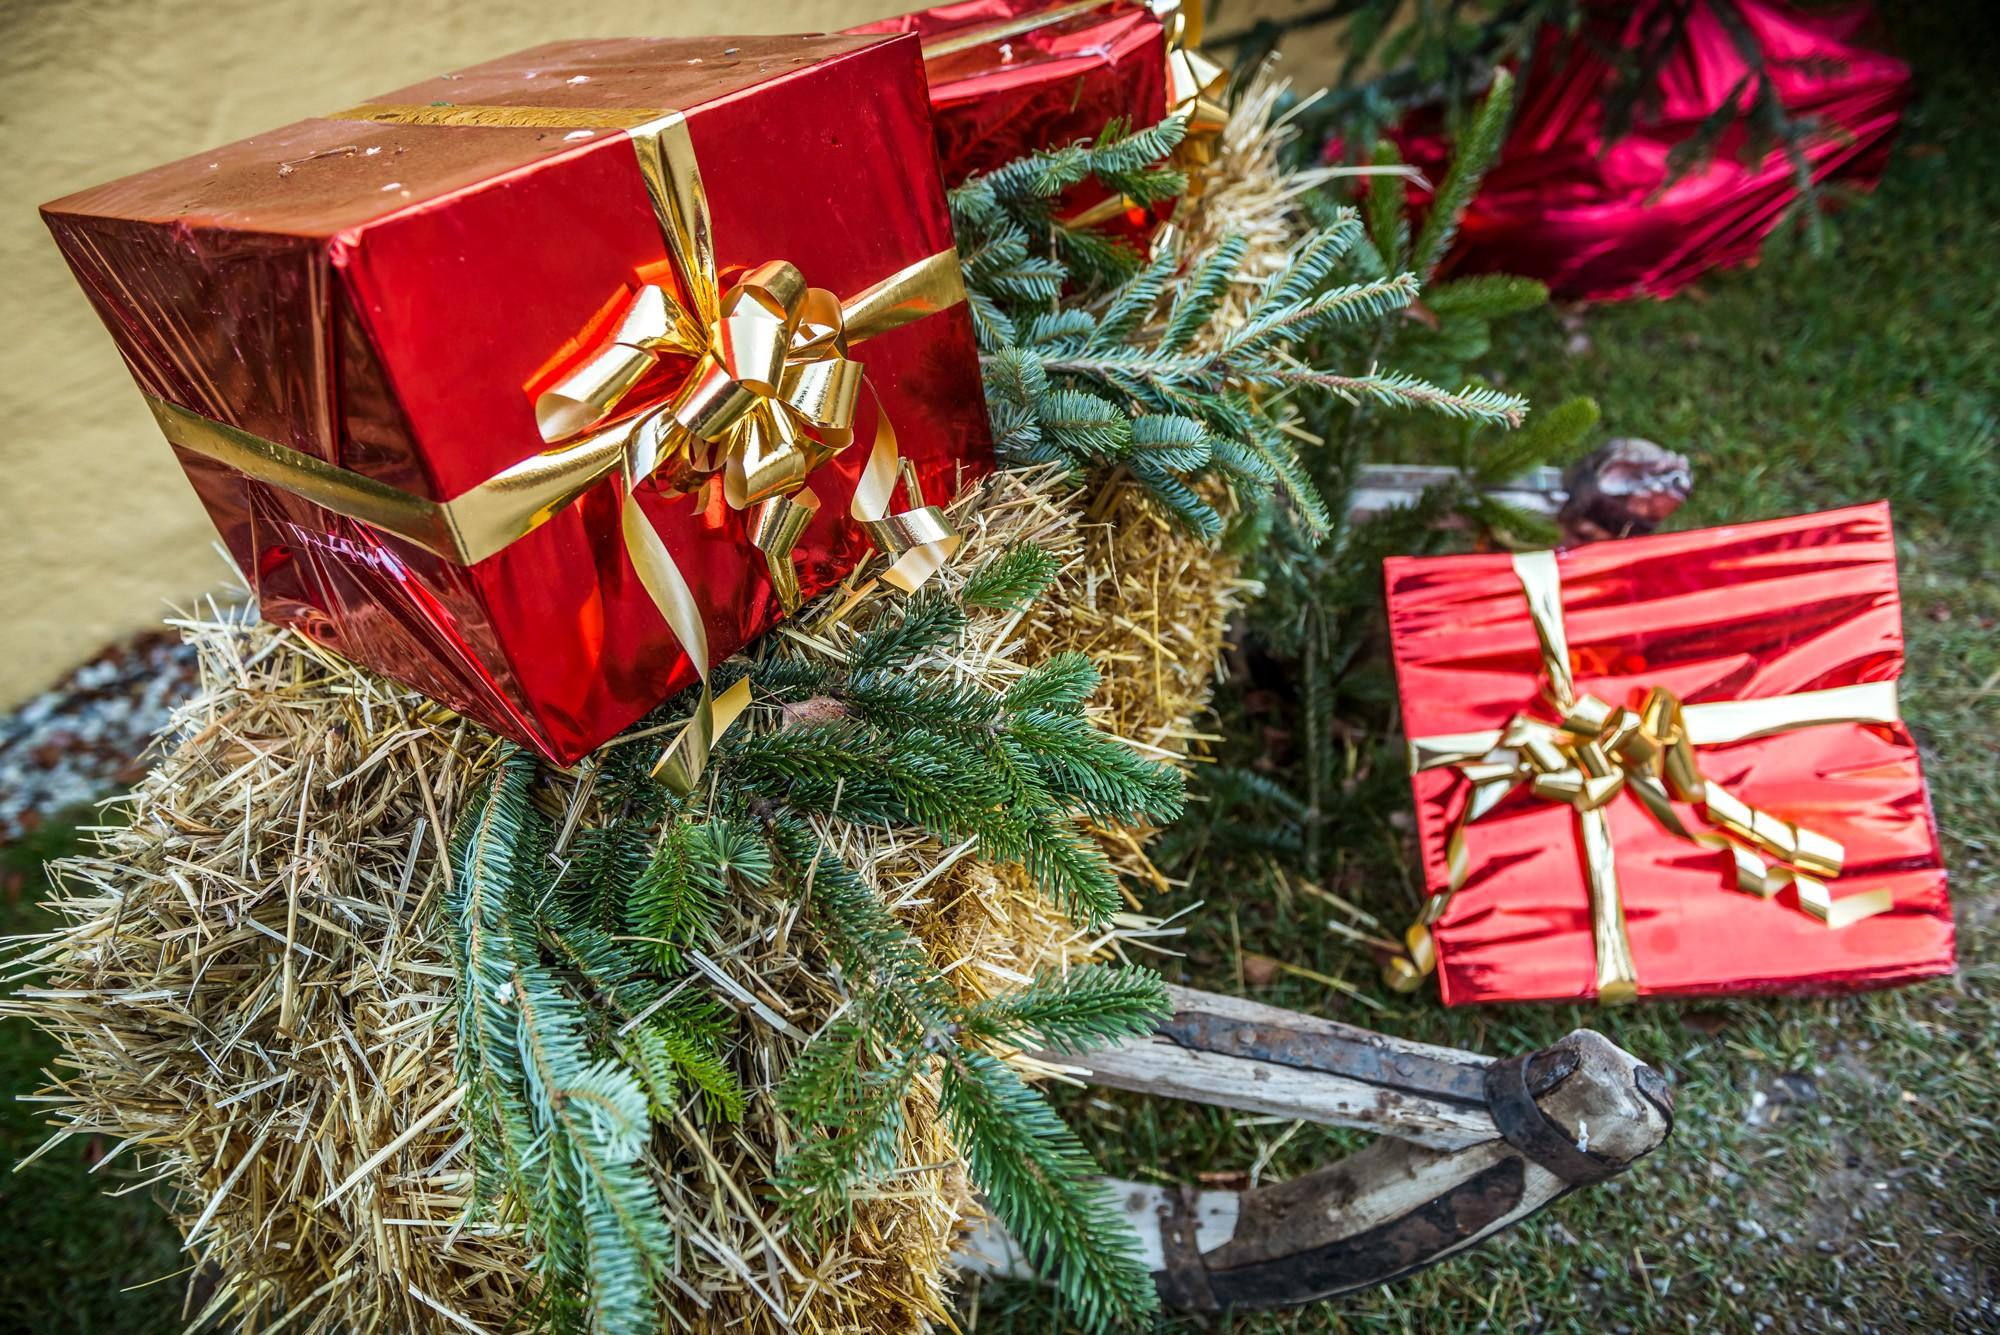 Heu, Geschenke, Rotes Geschenkspapier, Goldene Schleifen, Tannenzweige